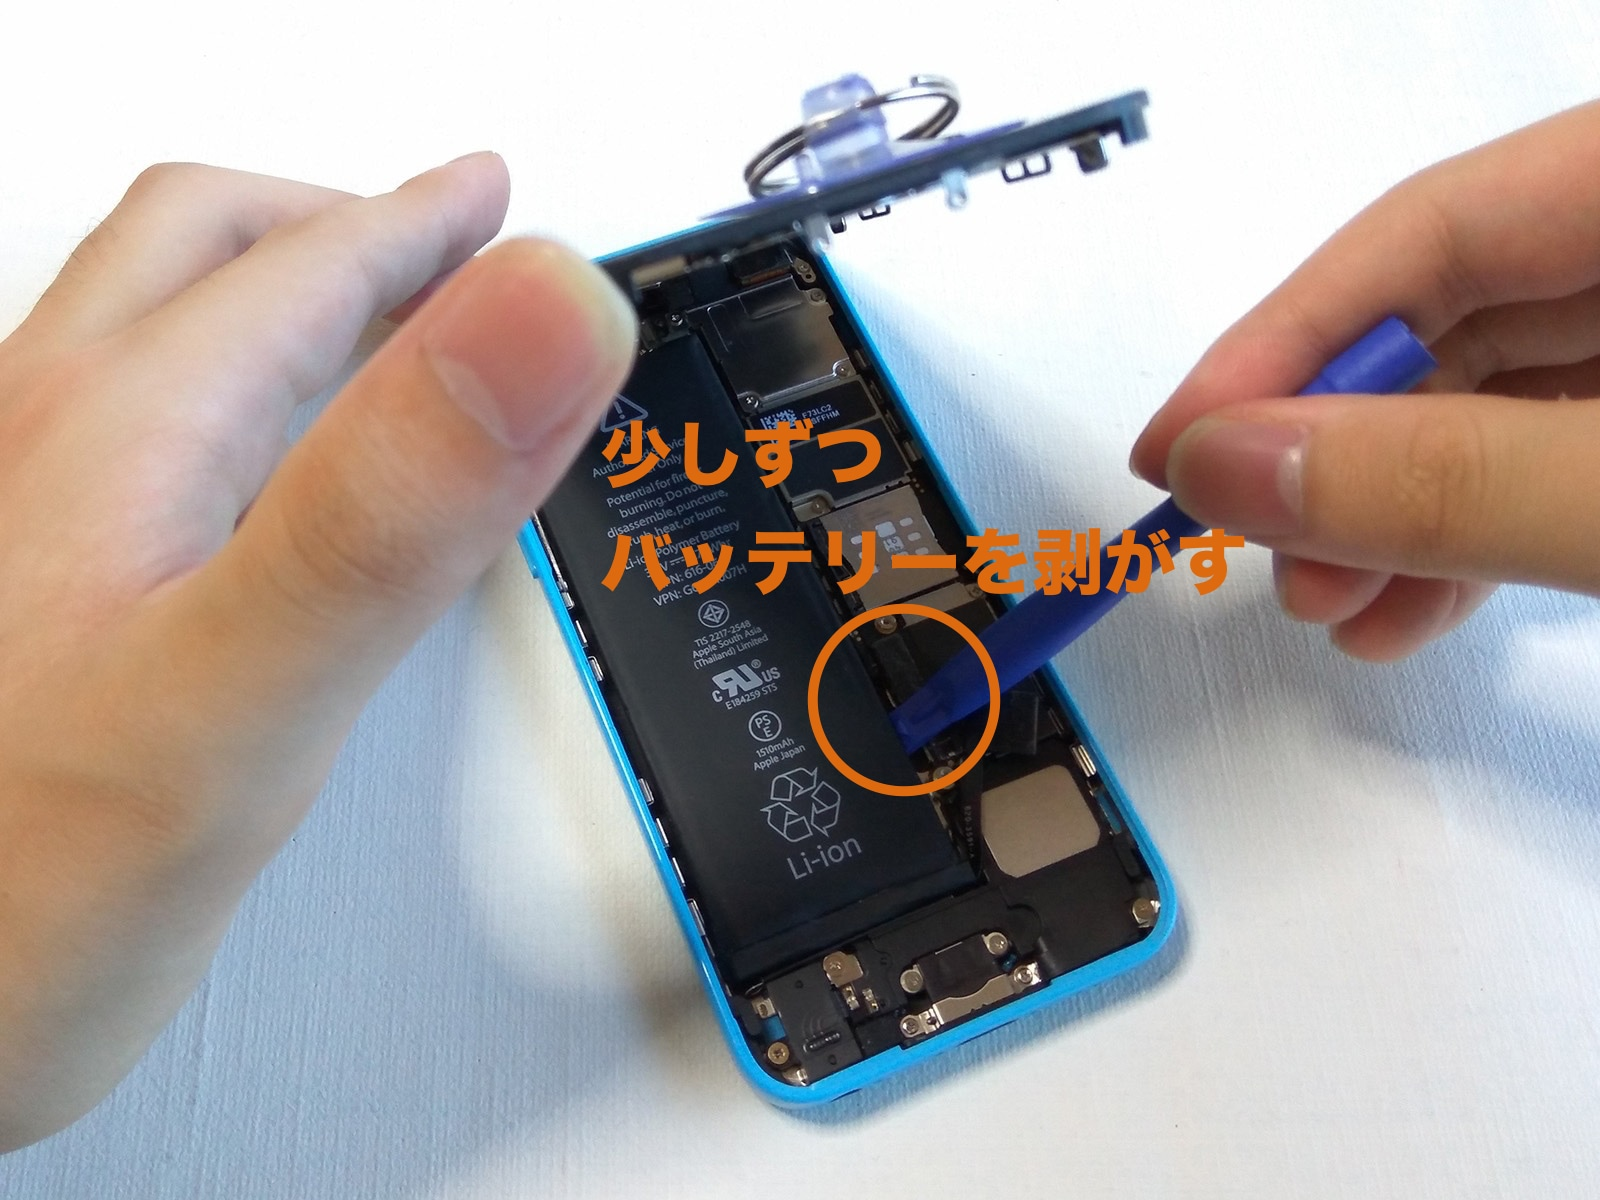 iPhone 5c バッテリー交換 古いバッテリーを取り外す